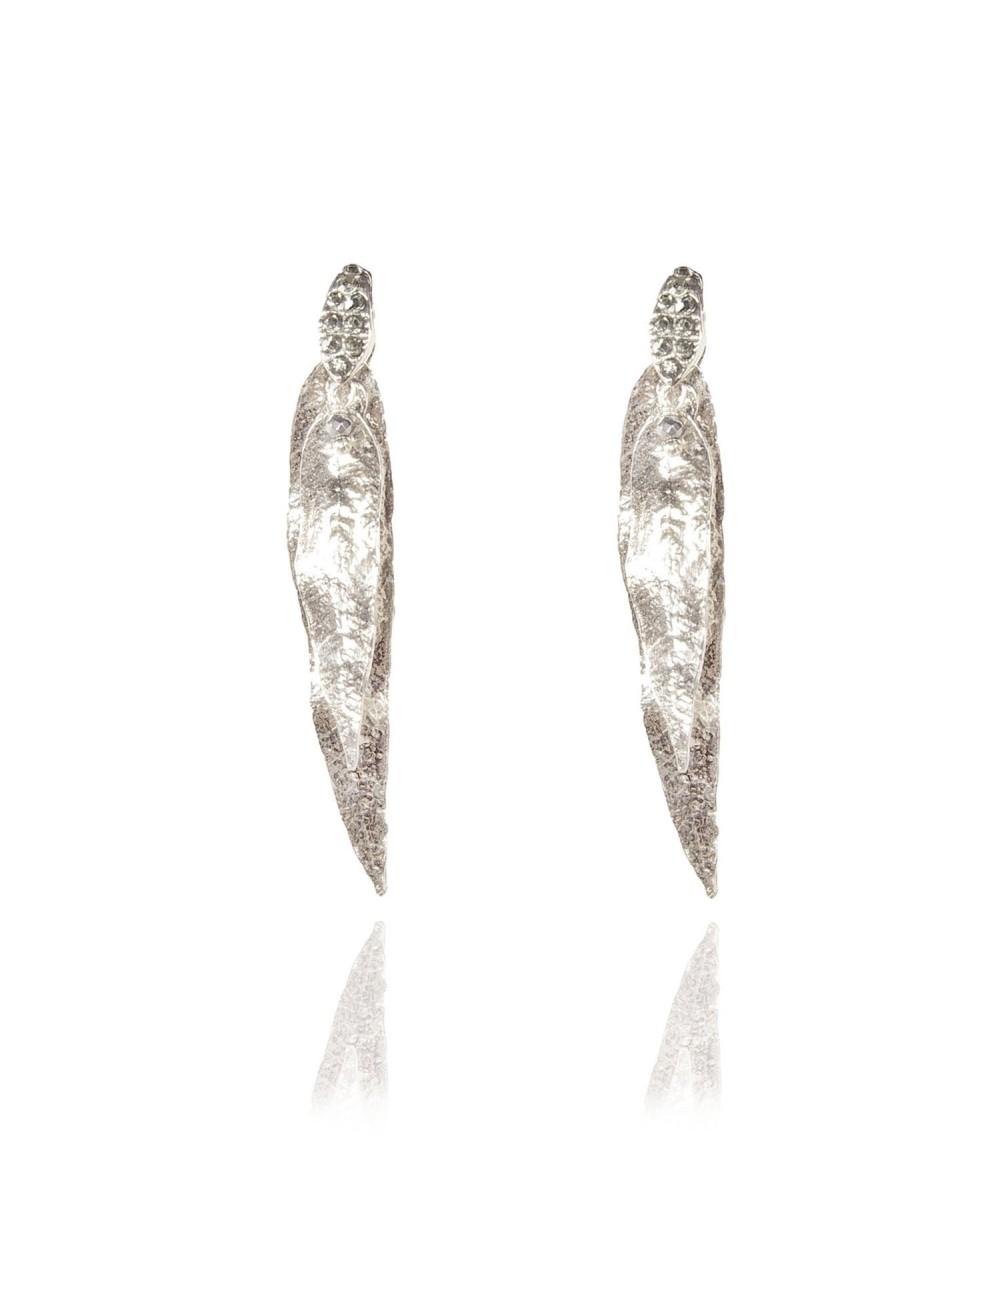 Boucles d'oreilles duo Eucalyptus argenté